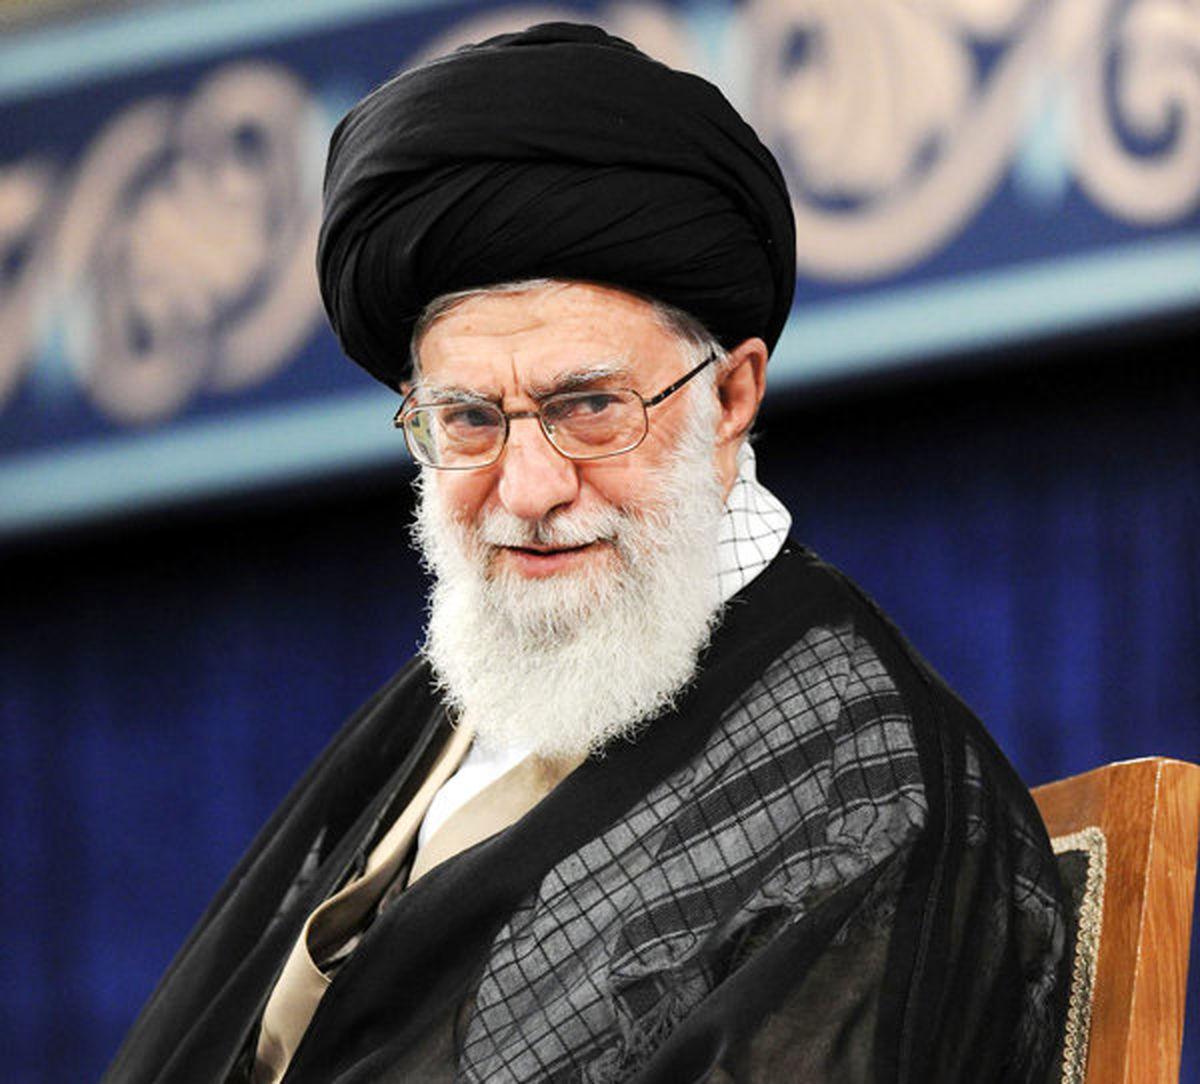 سخنرانی رهبر انقلاب در اول سال نو در مشهد مقدس کنسل شد